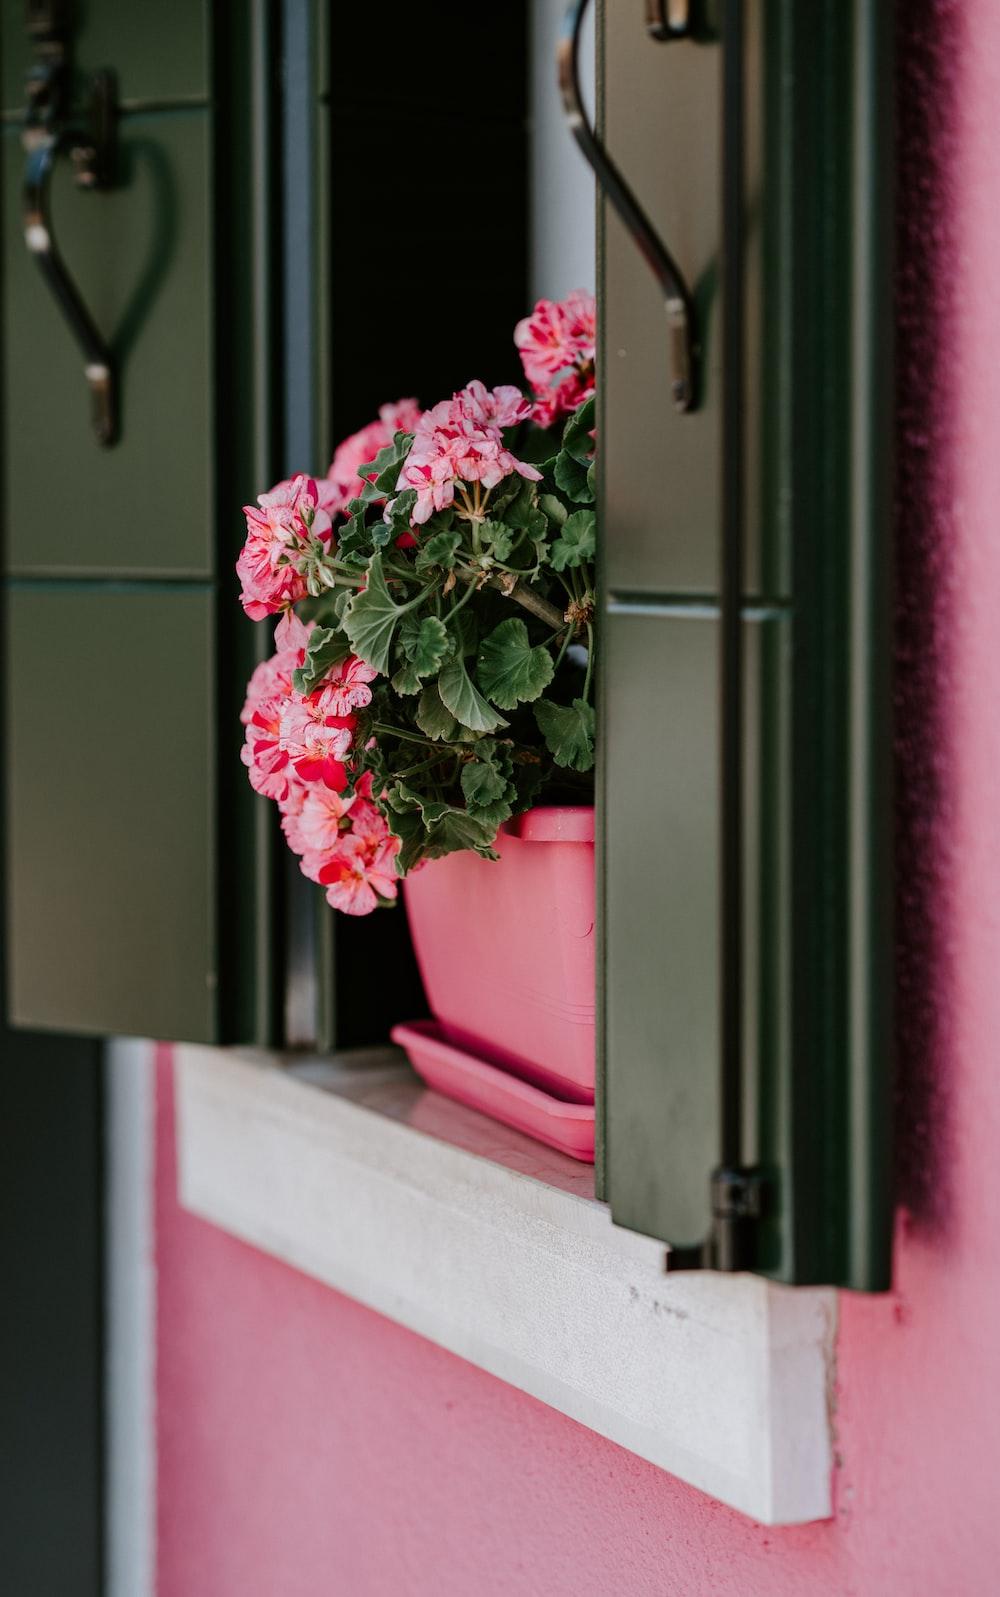 pink petal flower on window